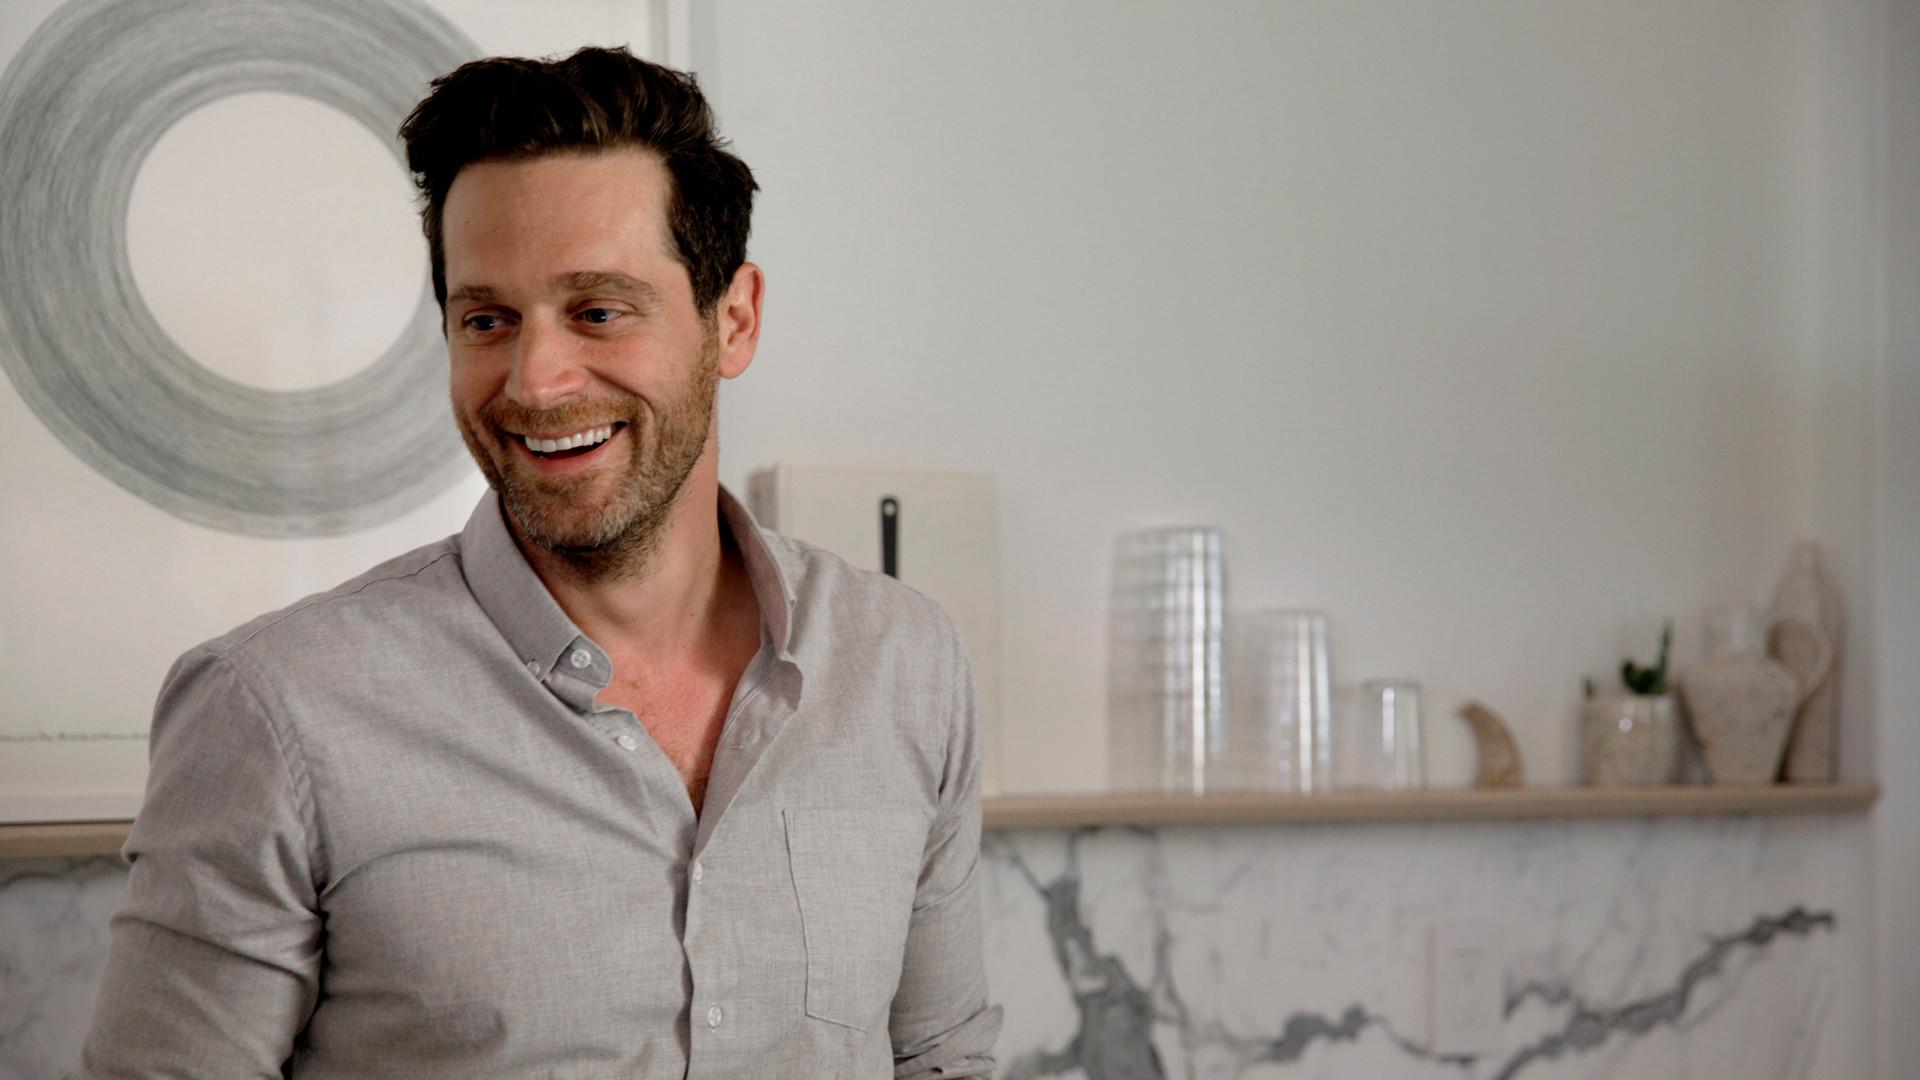 Dole Sunshine for All campaign | Cory Vitiello, Toronto chef and restaurateur